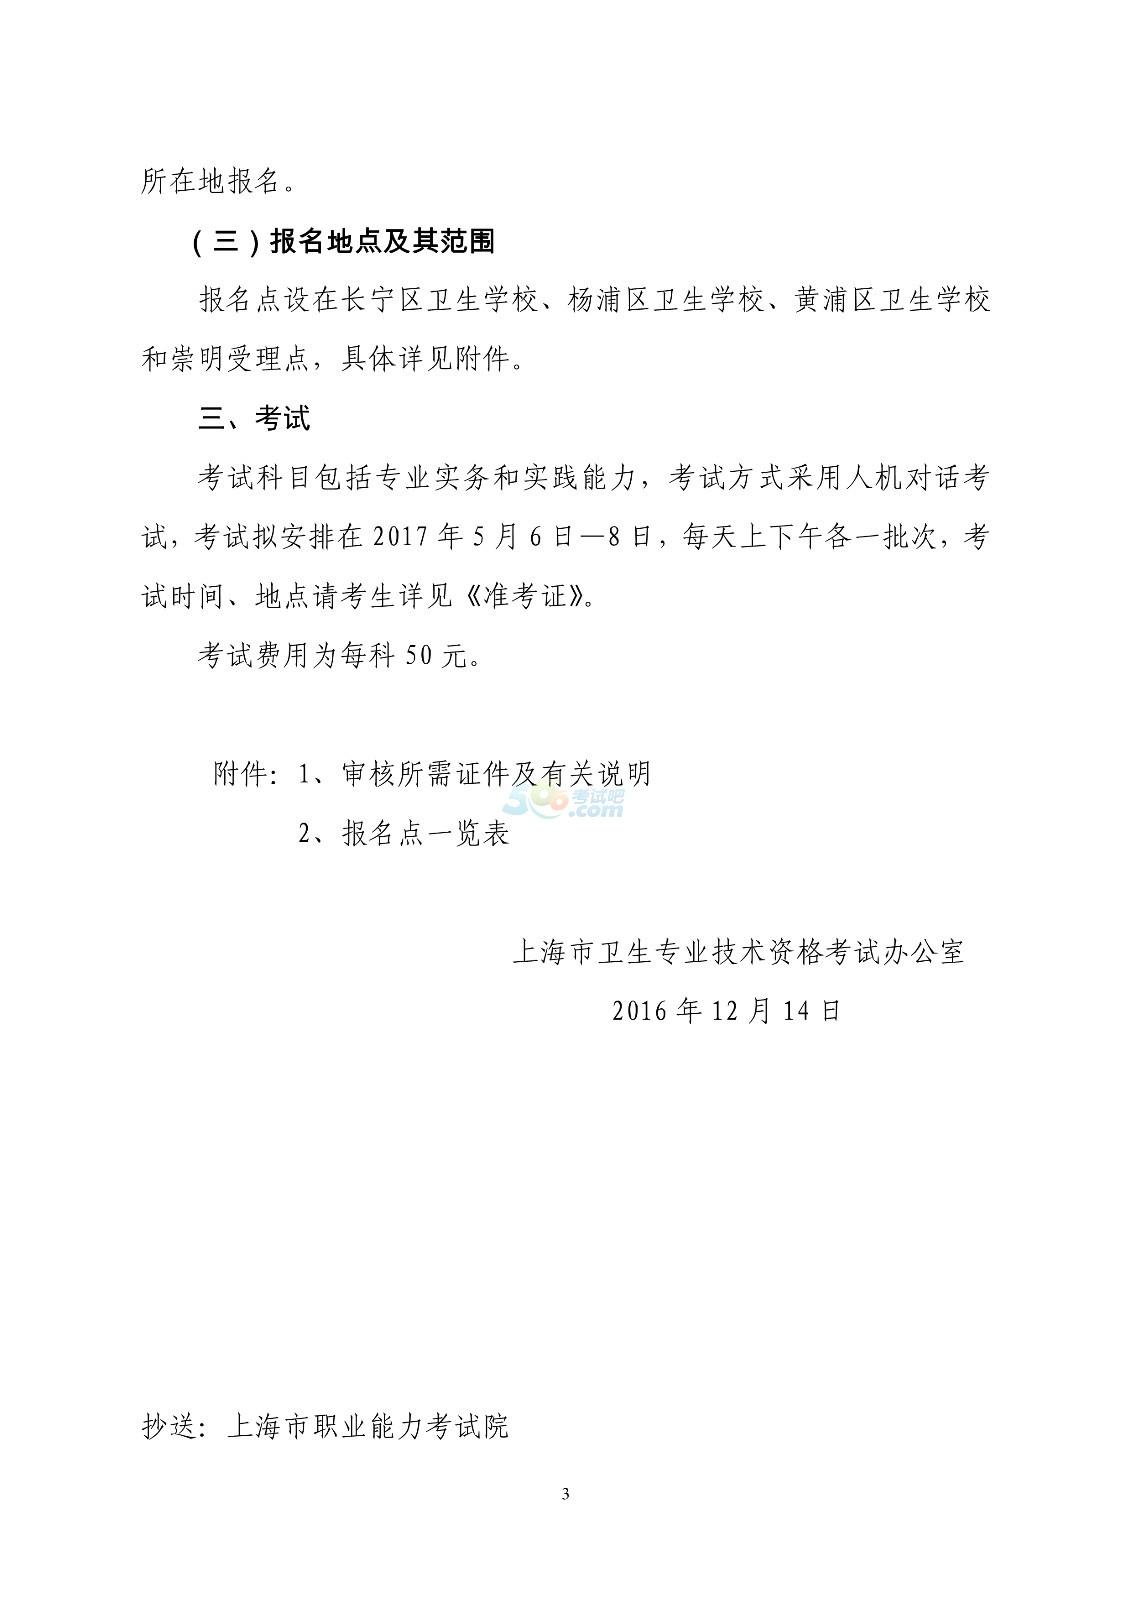 中国卫生人才网:2017执业护士考试报名操作指导-执业护士-考试吧